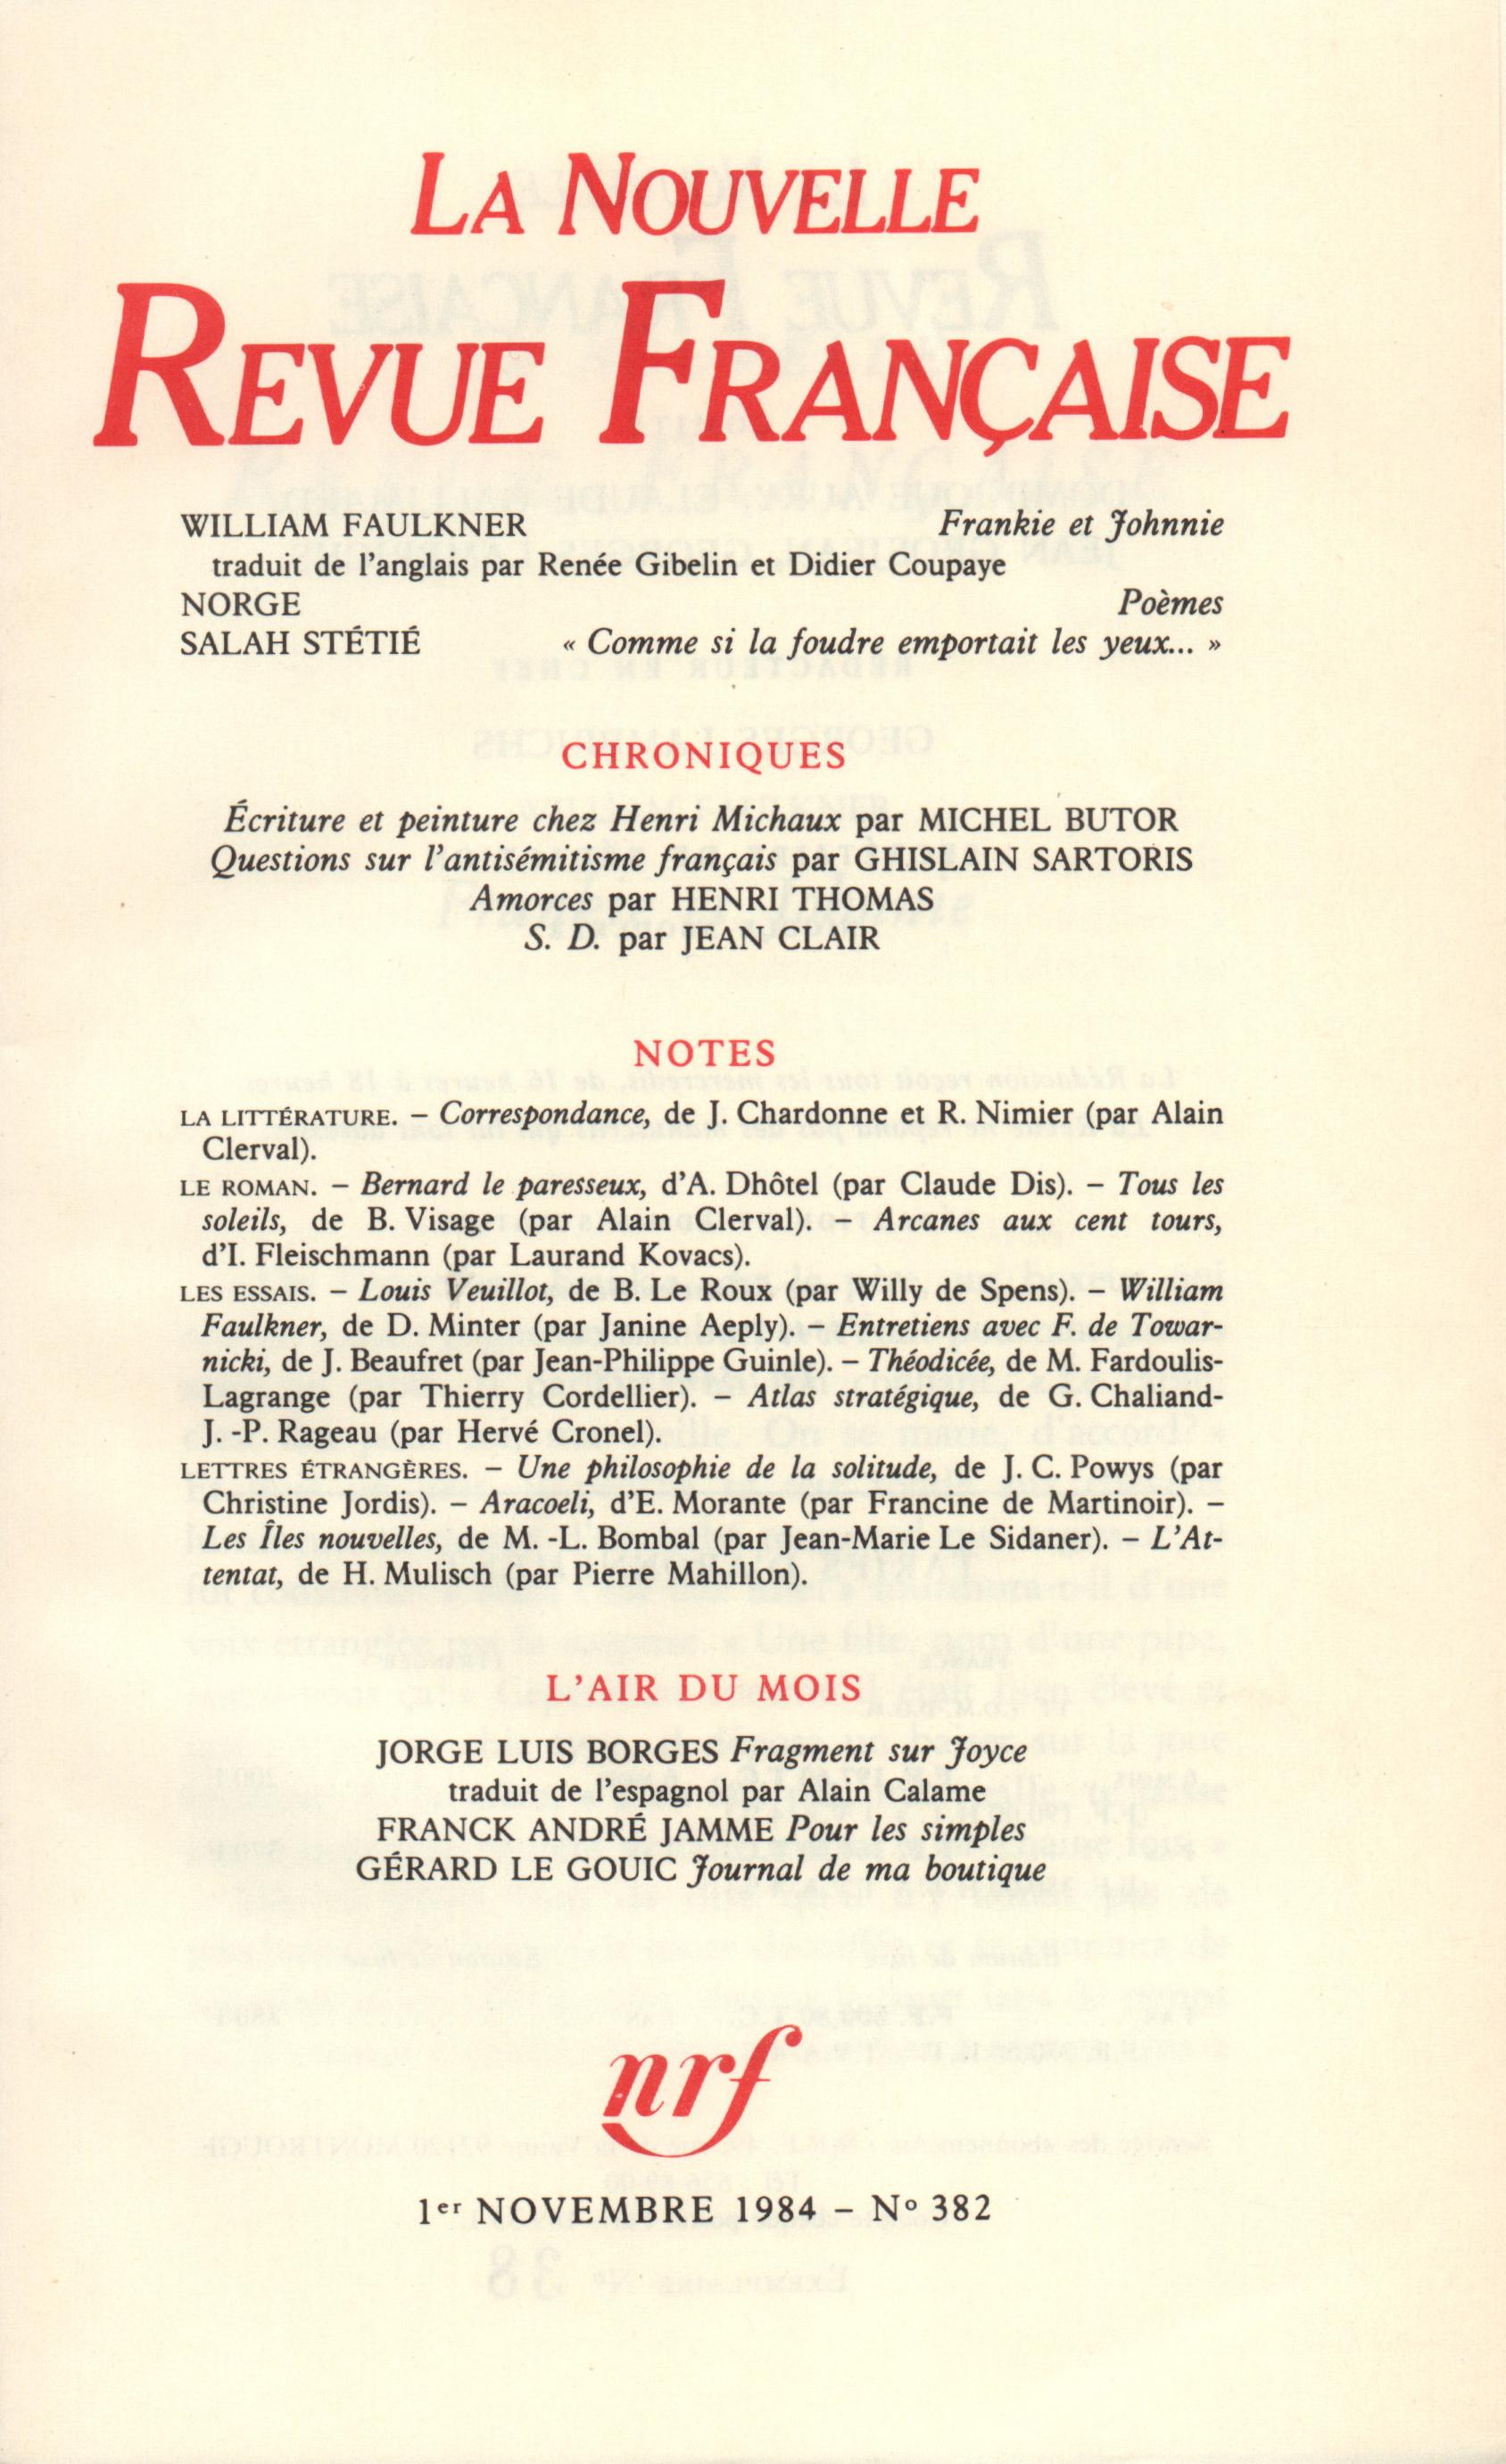 La Nouvelle Revue Française N° 382